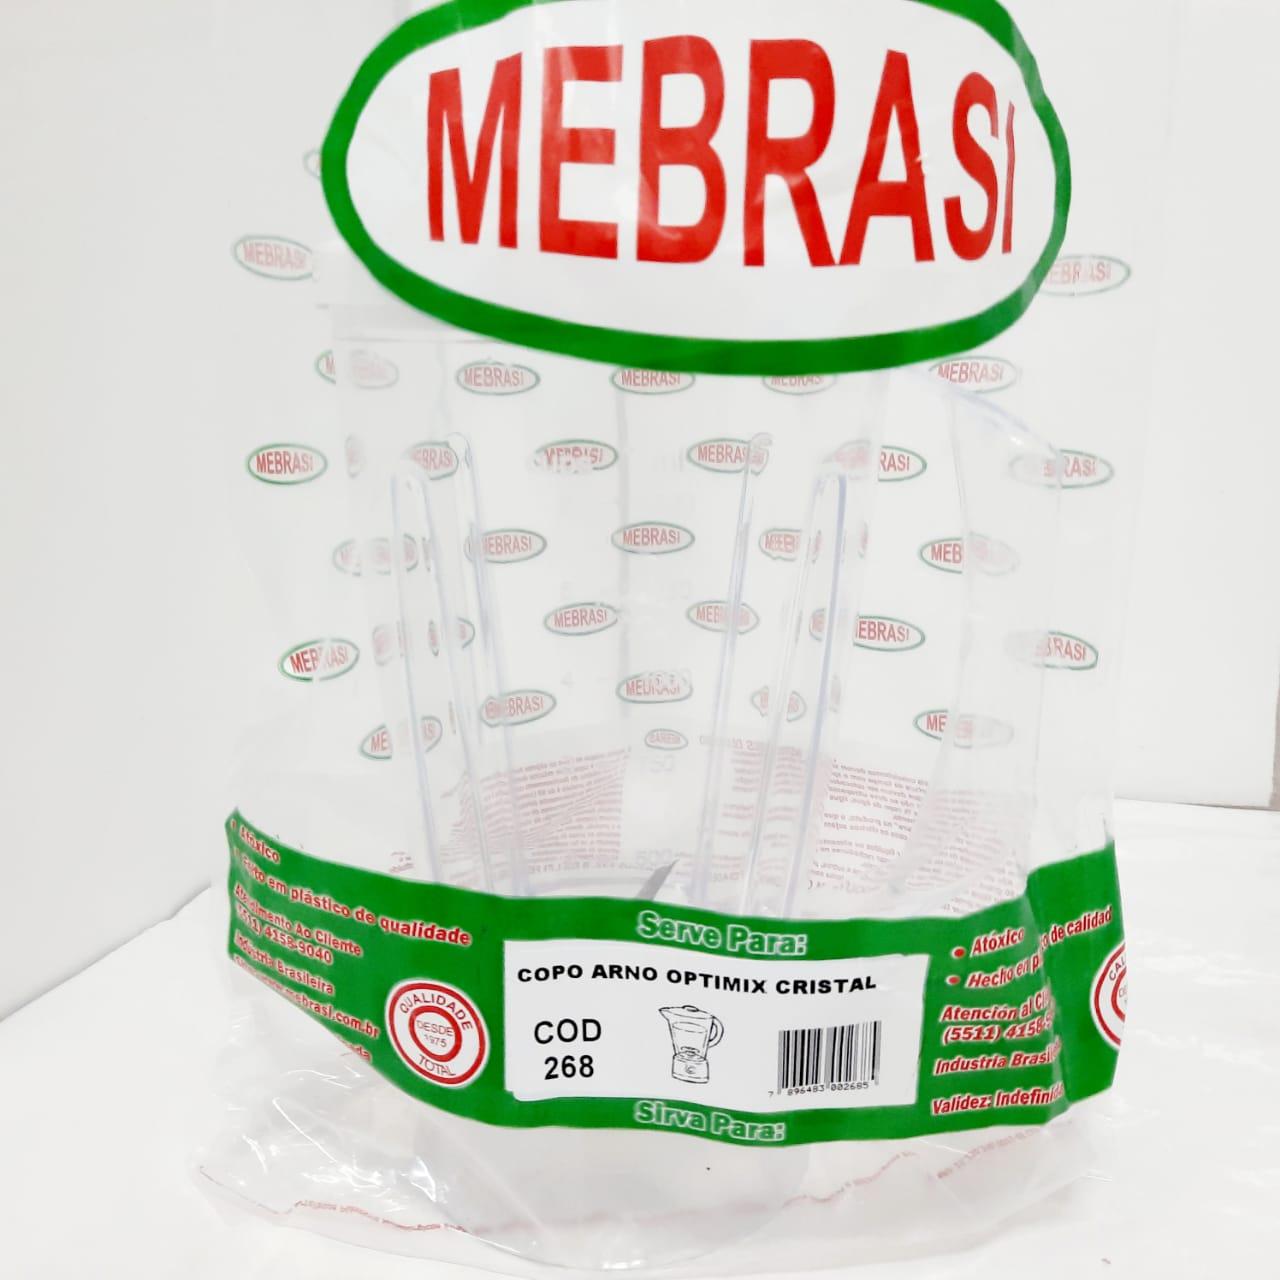 Copo Arno Cristal Optimix - Mebrasi